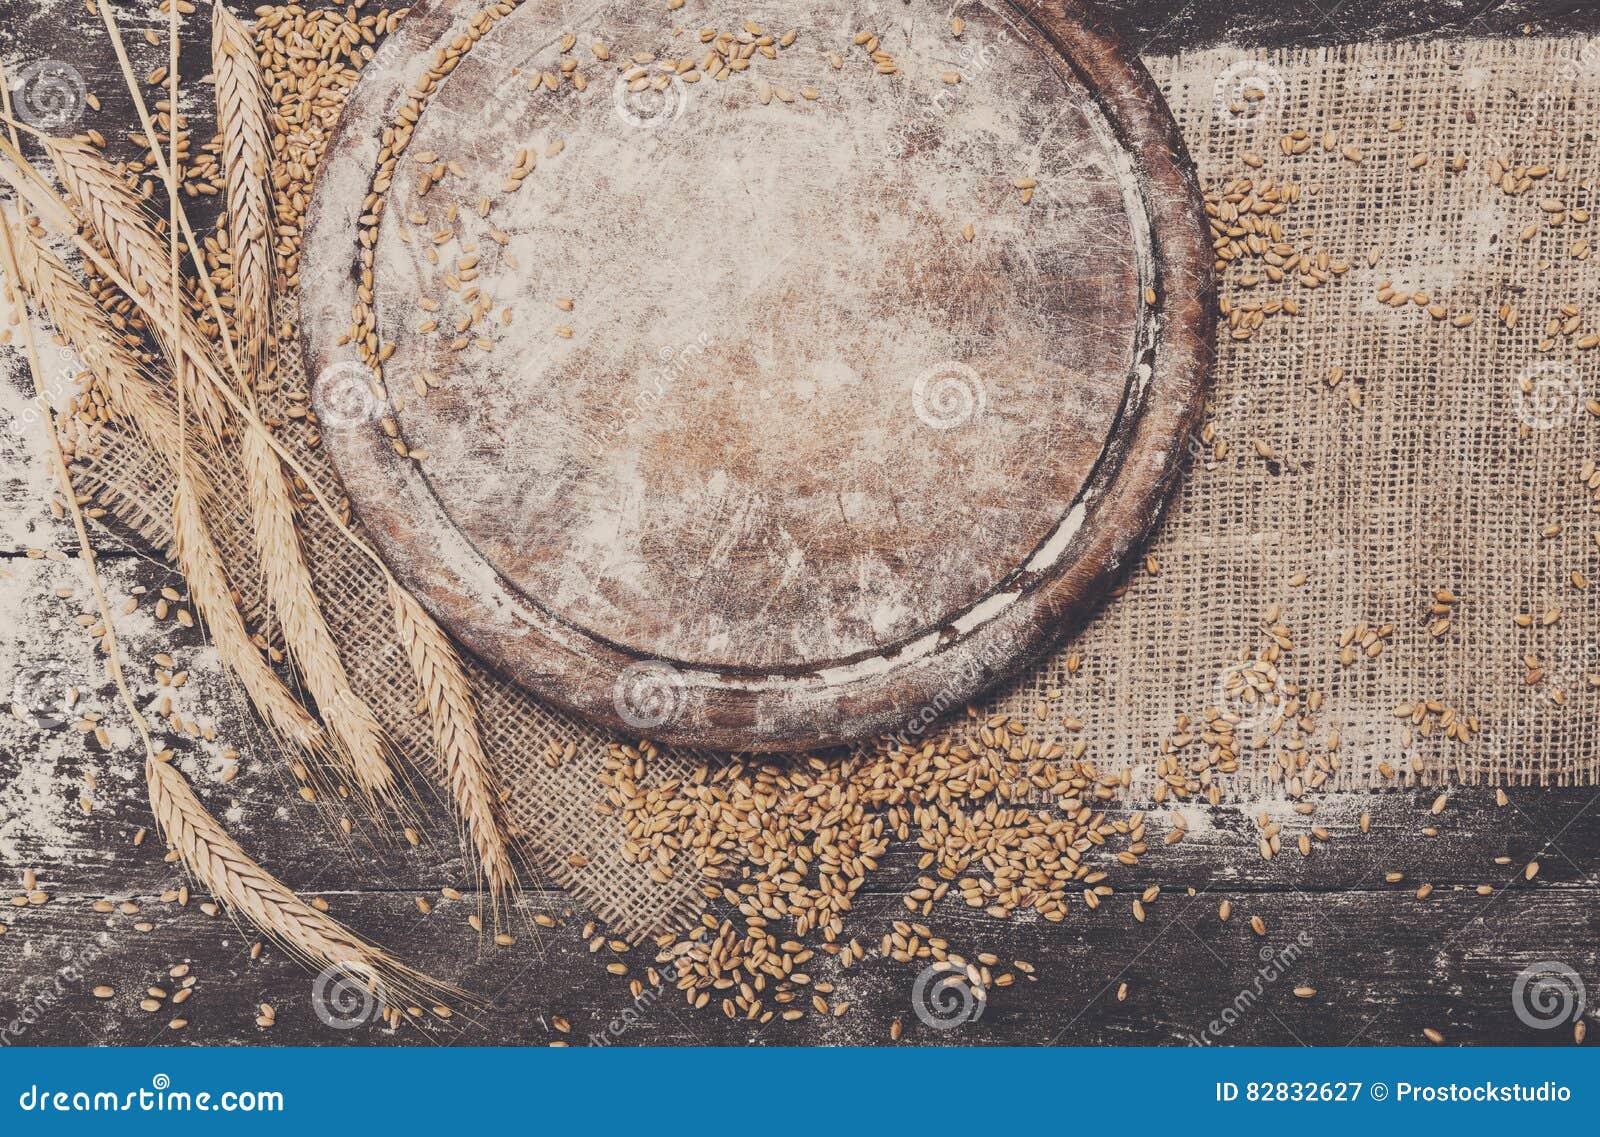 Homemade Pot madera del grano